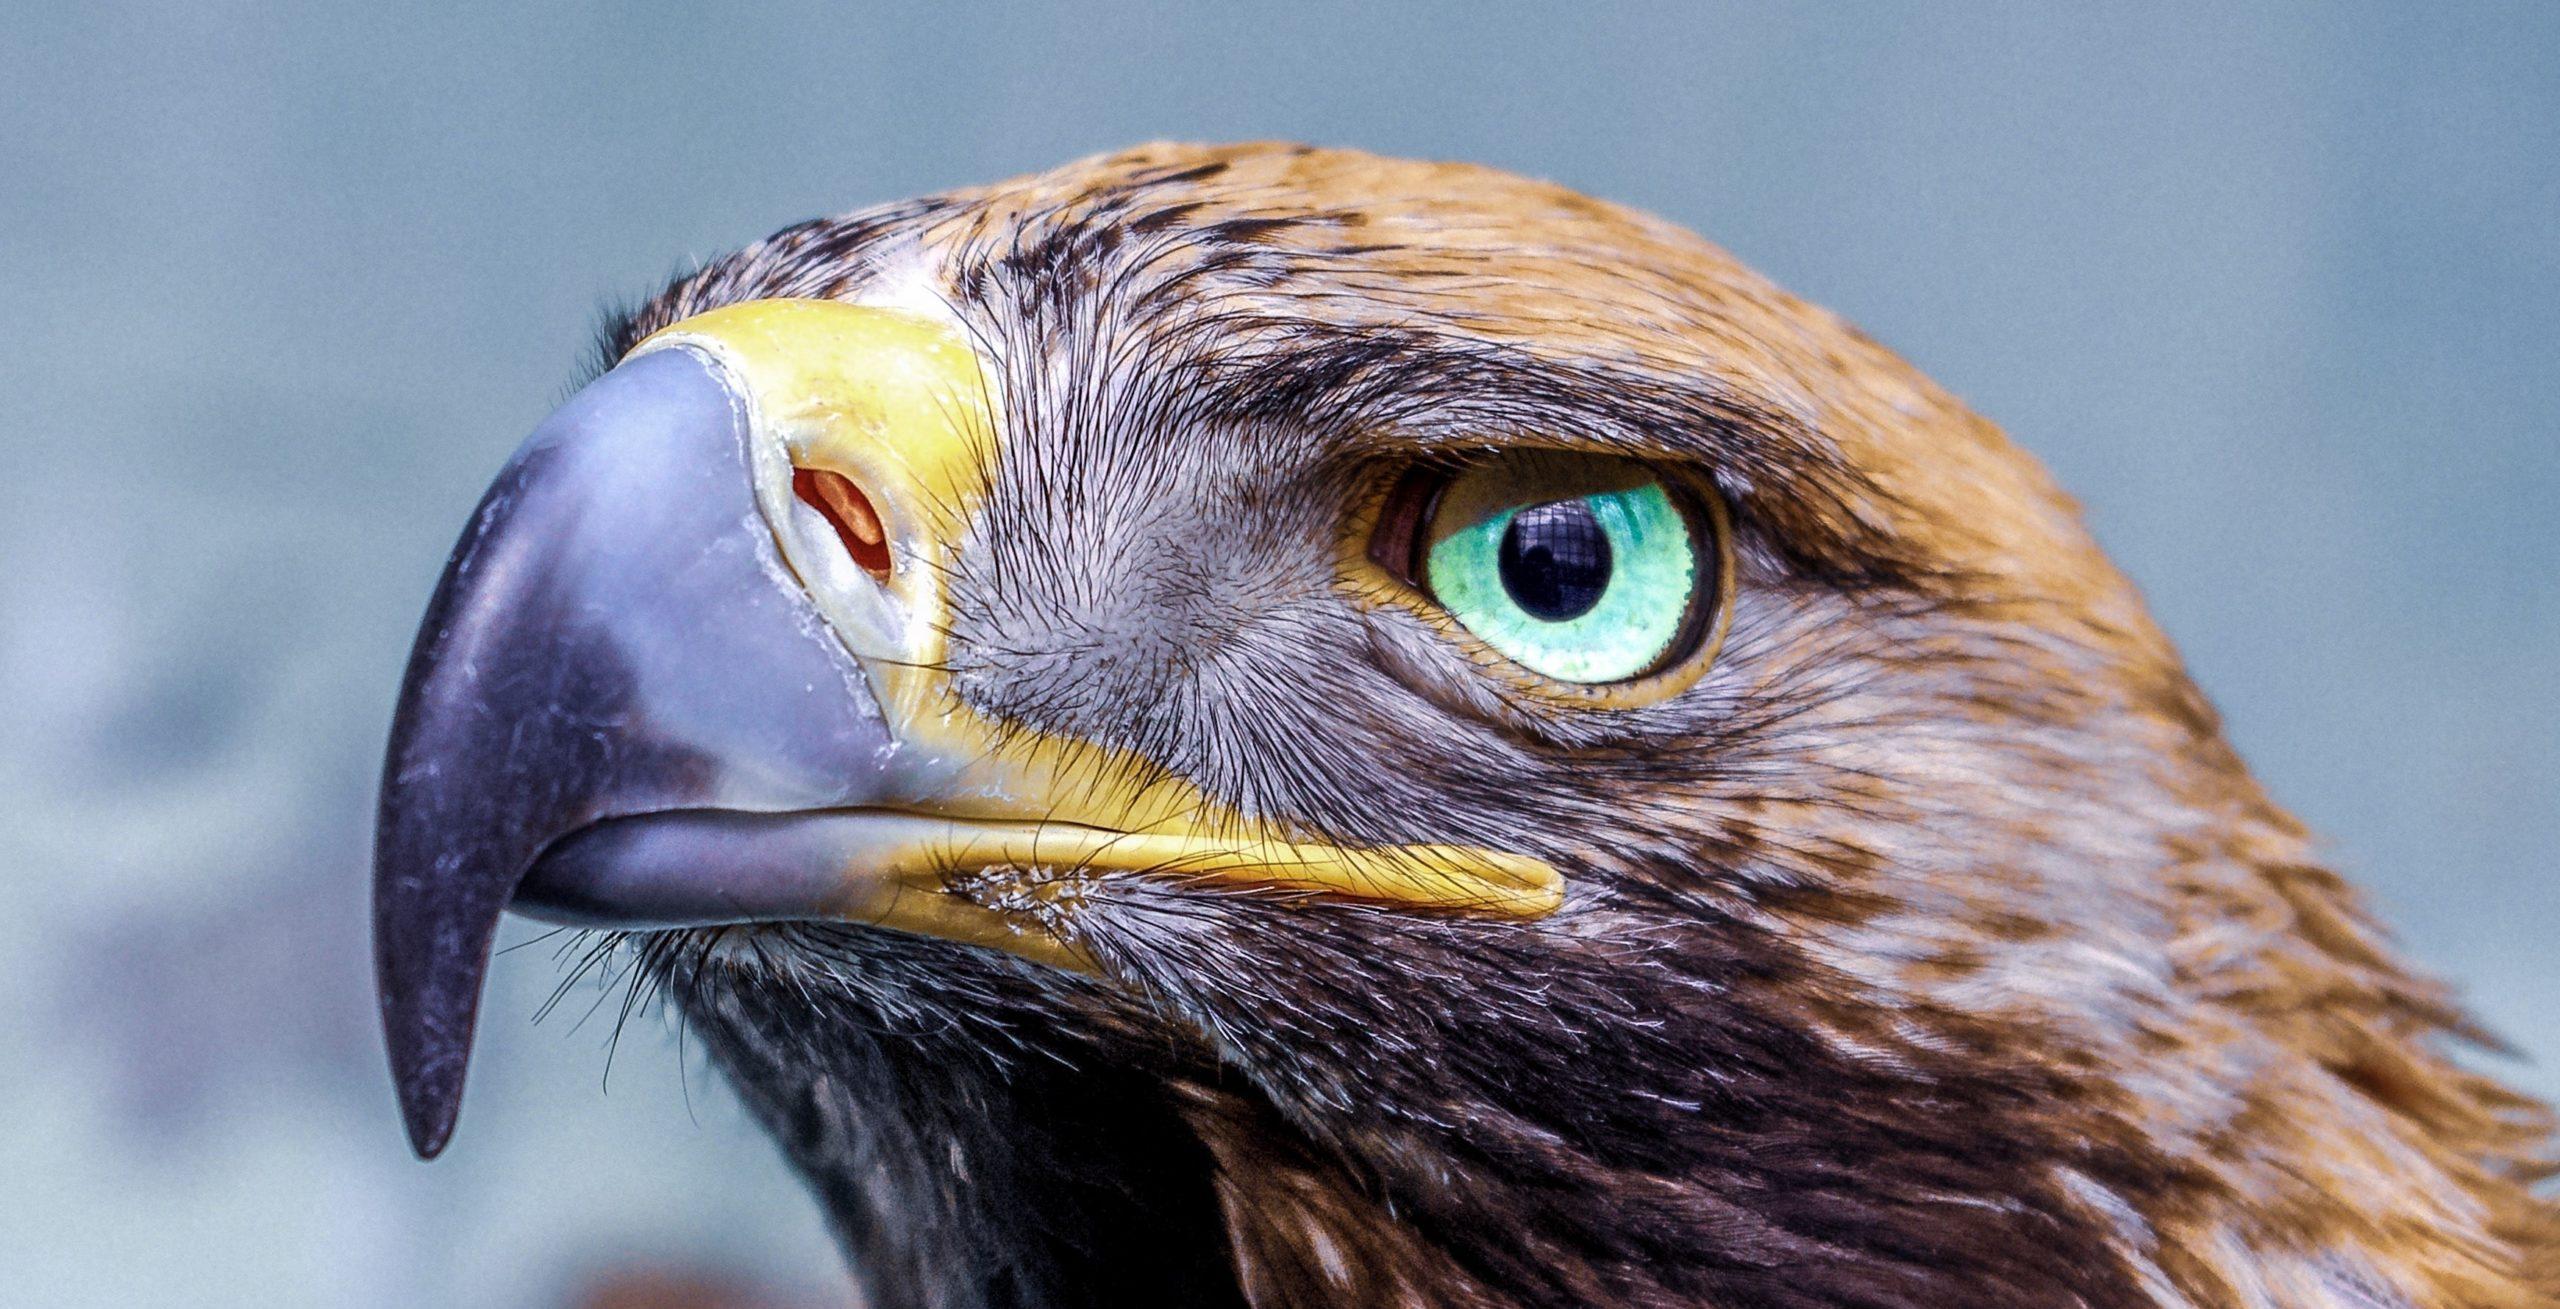 L'aigle, oiseau par excellence, comme le raconte son étymologie…